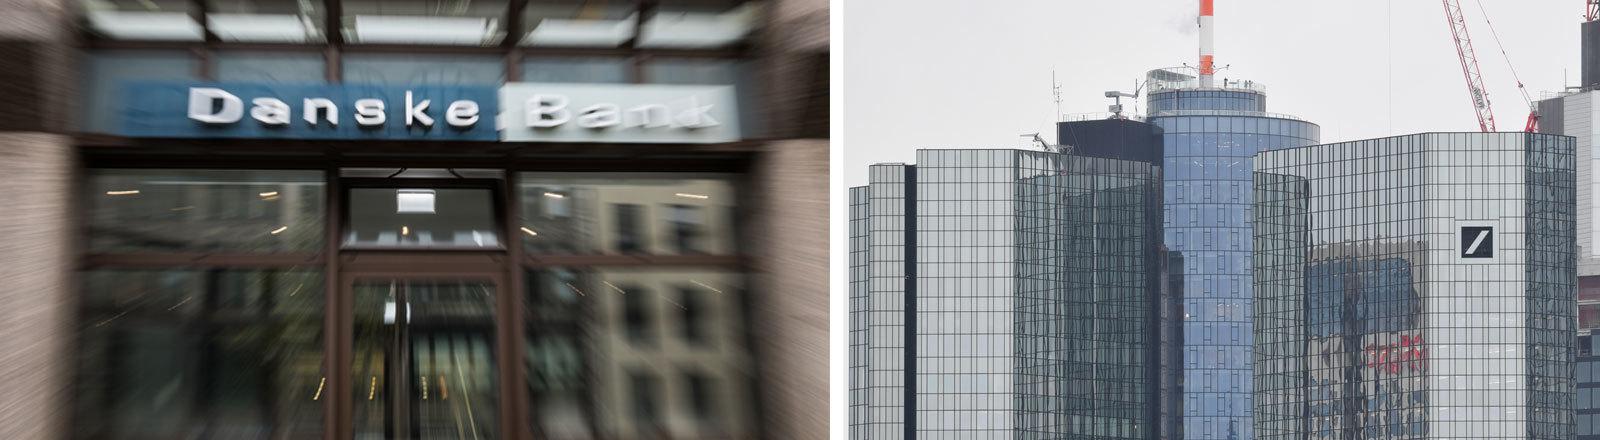 Schriftzug der Danske Bank über dem Eingang einer Filiale, Skyline mit dem Deutsche-Bank-Hochhaus in Frankfurt am Main